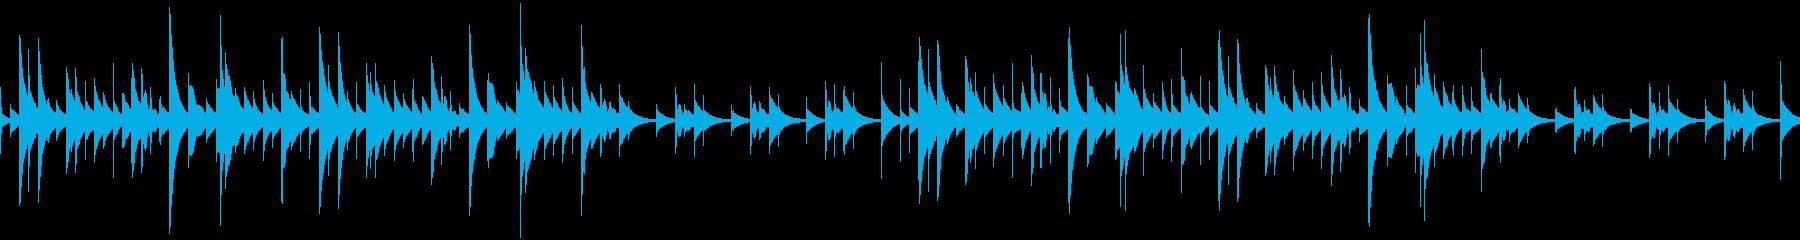 オルゴールのソロです。回想シーンなどに…の再生済みの波形